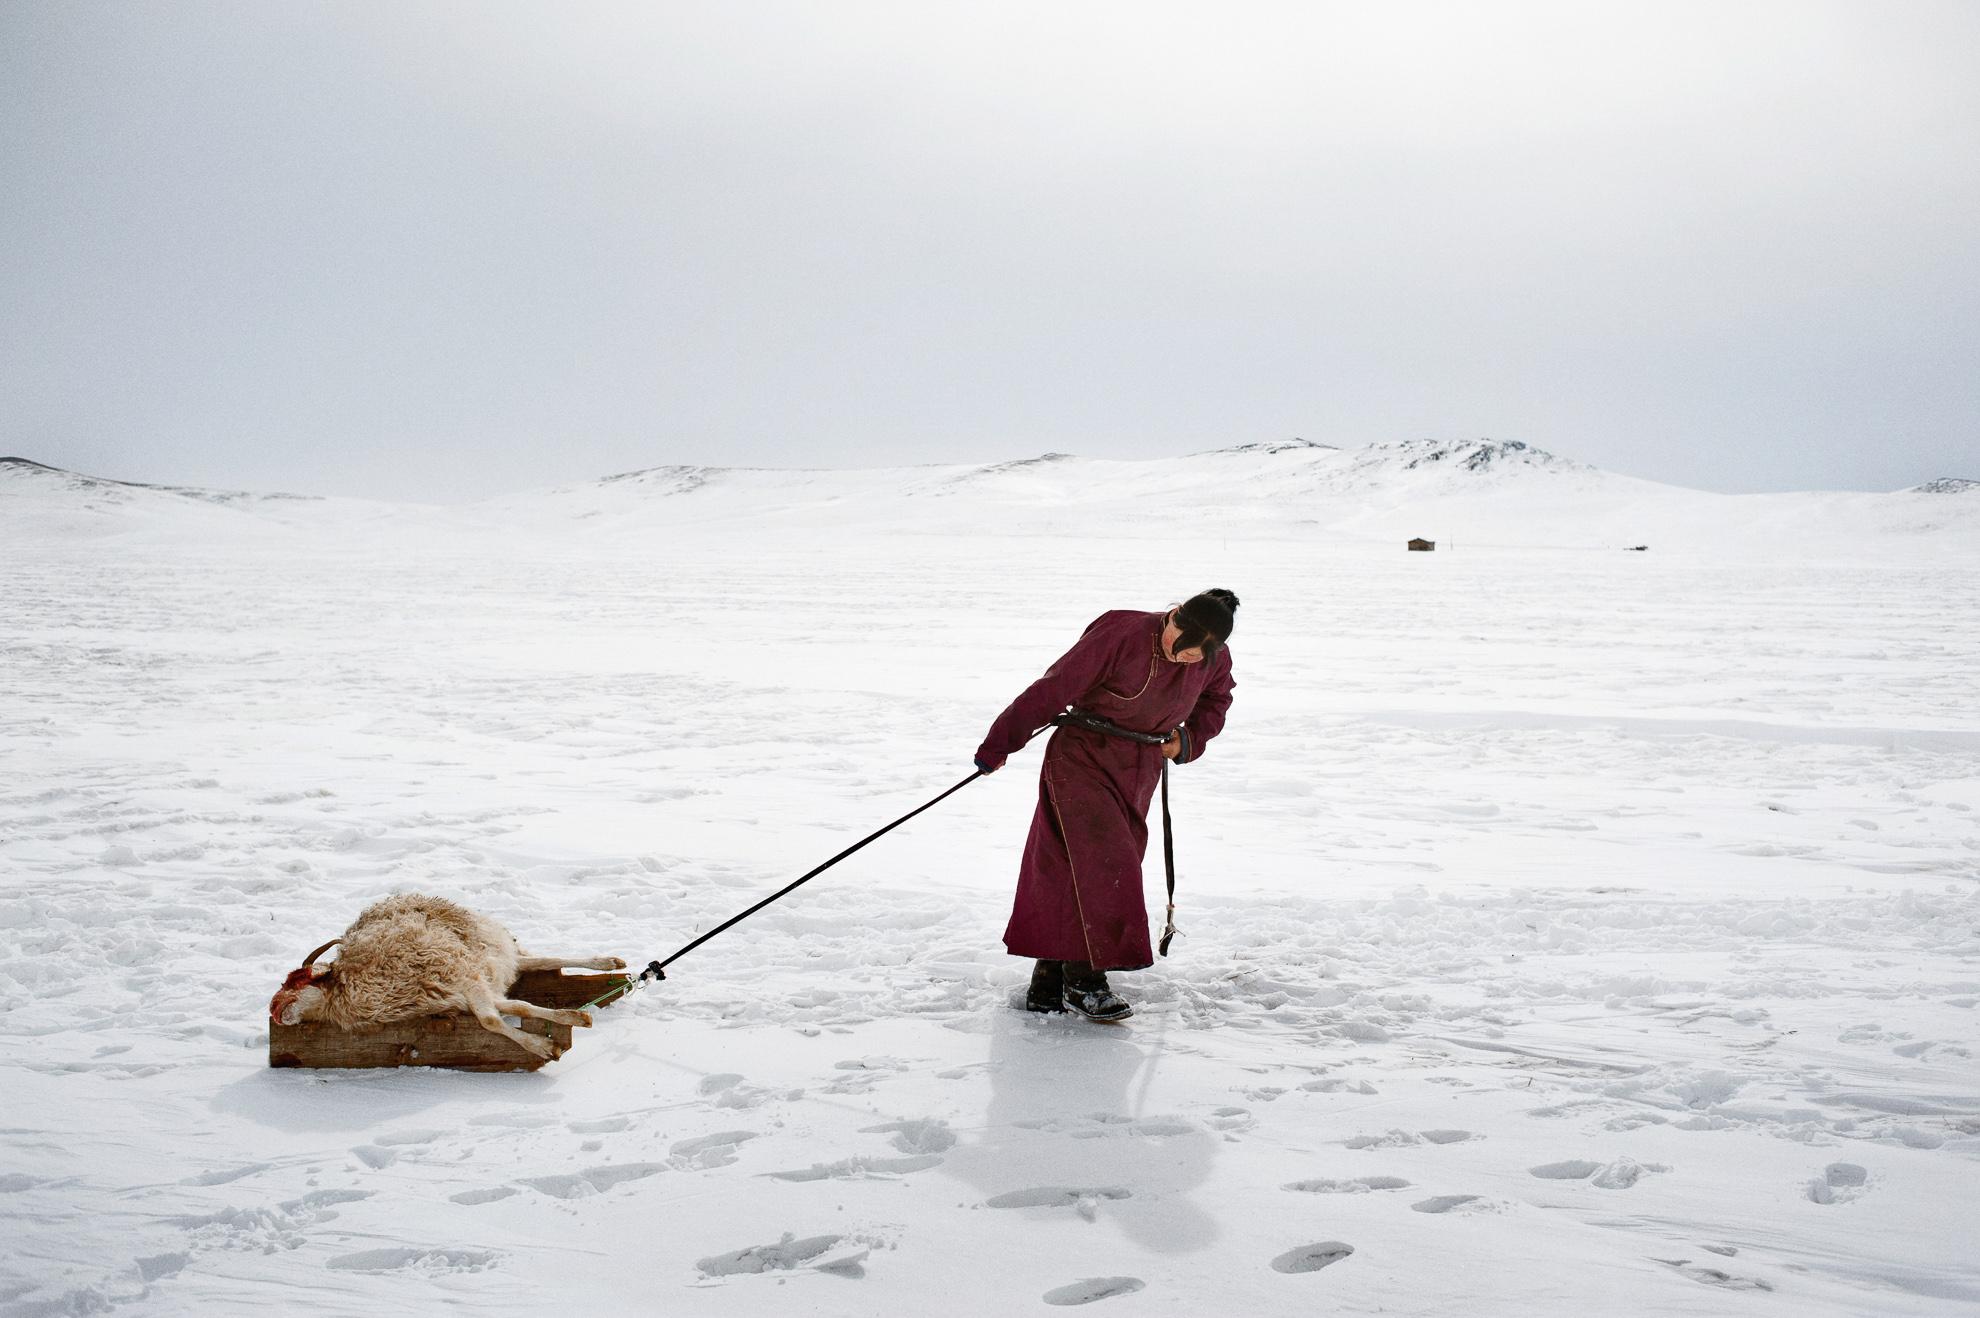 Mongolia, provincia de Arkhangay. Erdene Tuya, de 29 años, arrastra una oveja perdida por el dzud hasta un pequeño cementerio cercano a su yurta (ger). En la provincia mongola de Arkhangai, la familia Tsamba vive al límite, luchando contra los duros inviernos junto a su rebaño de ovejas. Las severas condiciones invernales, conocidas como dzud, han sido responsables de la muerte de la mitad del rebaño de la familia, que llegó a tener 2.000 ovejas, en los últimos tres inviernos. Recientemente, en busca de pastos más cálidos, los Tsambas se trasladaron desde la provincia de Bulgan, en el norte, a esta región cercana a un pueblo del centro de Mongolia llamado Ulziit.